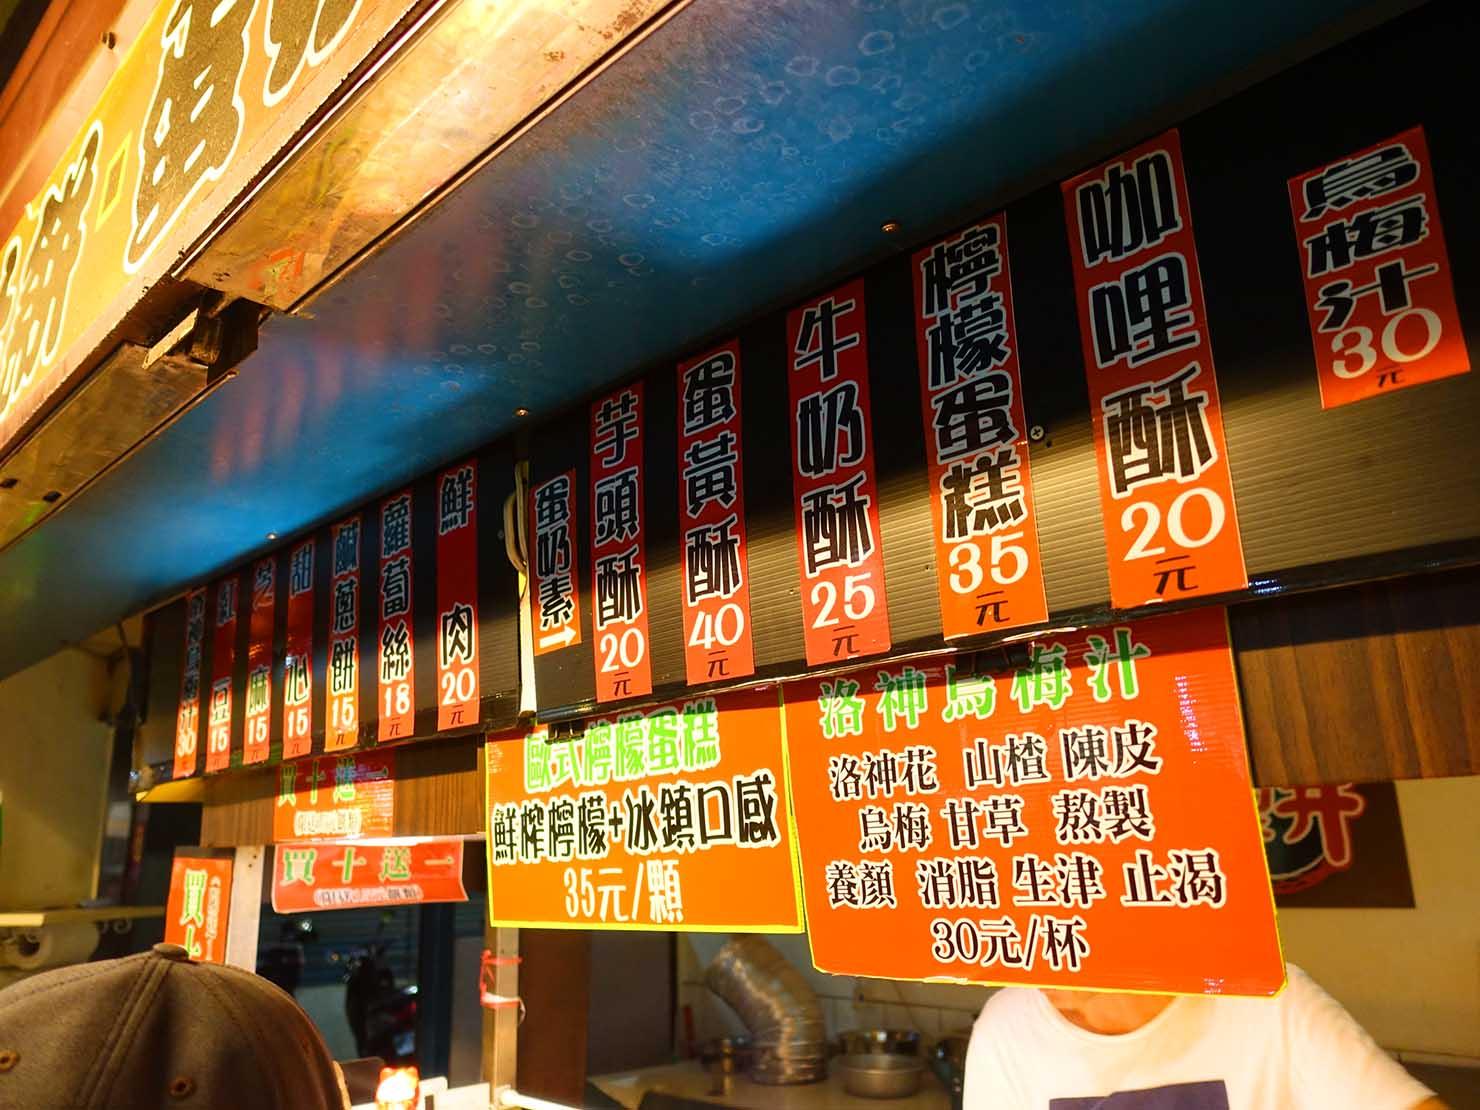 台北・民權西路&中山國中駅周辺(晴光市場)のおすすめグルメ店「餅酥記」のメニュー